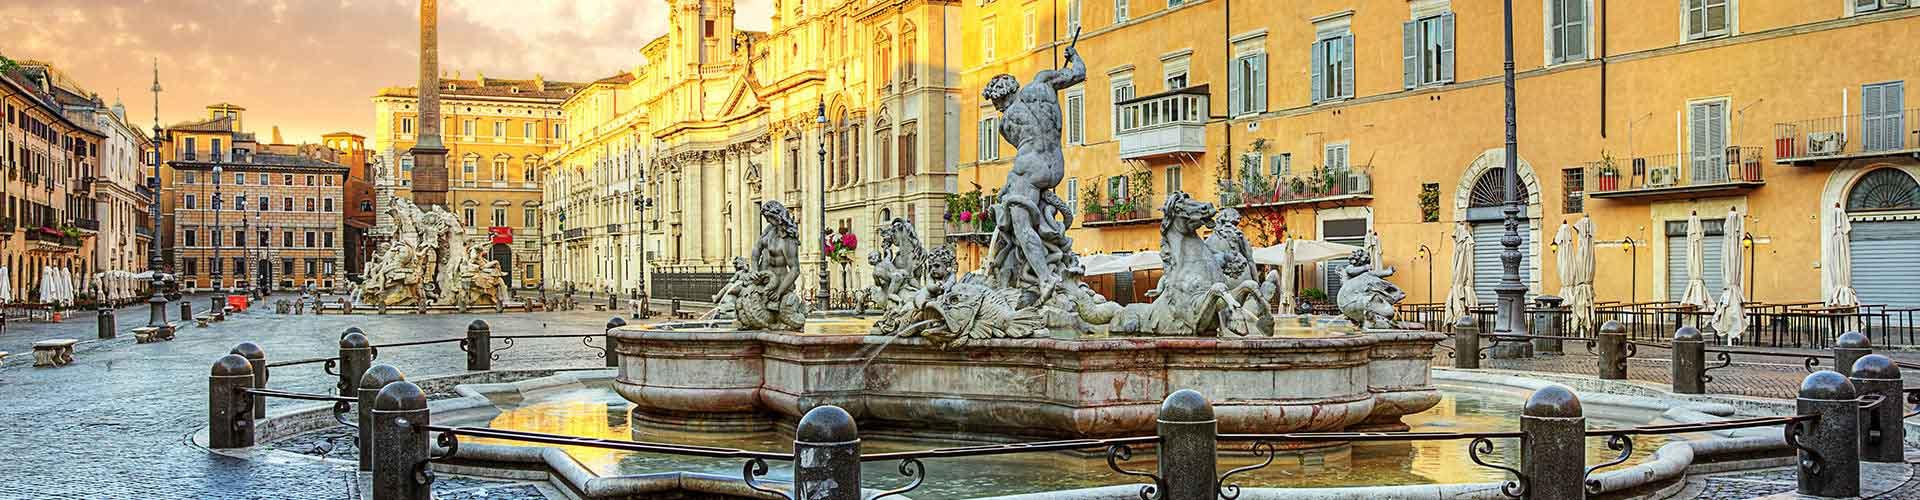 Rzym - Hostele w pobliżu: Piazza Navona. Mapy: Rzym, Zdjęcia i Recenzje dla każdego hostelu w mieście: Rzym.